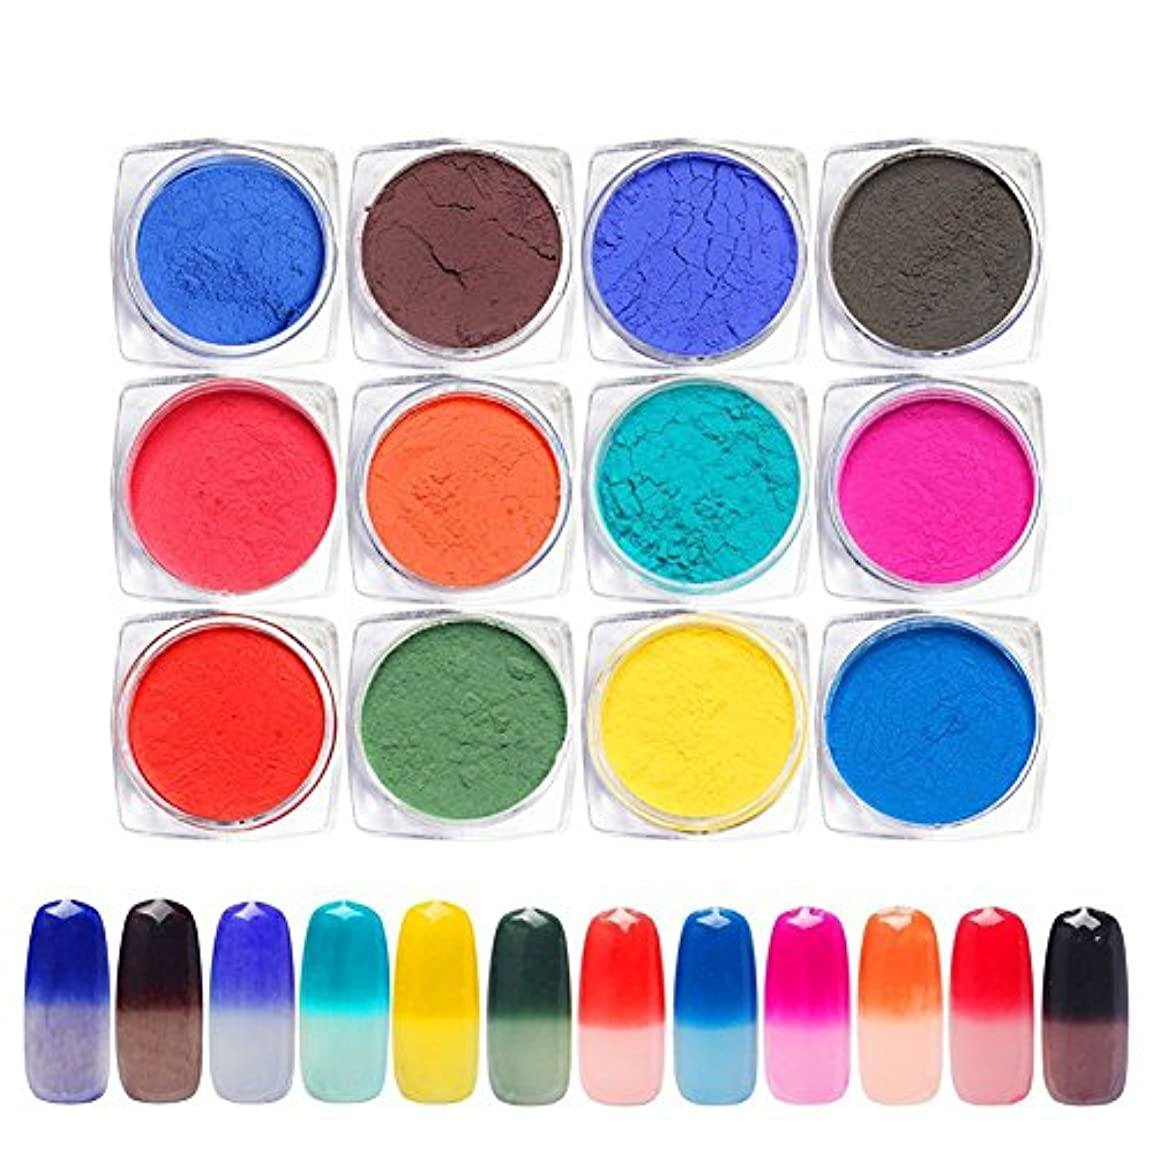 差別的リーダーシップ中止します12色セット 変色パウダー温度により色が変わりるネイルパウダーネイルアートネイルデザインネイルデコアクセサリー